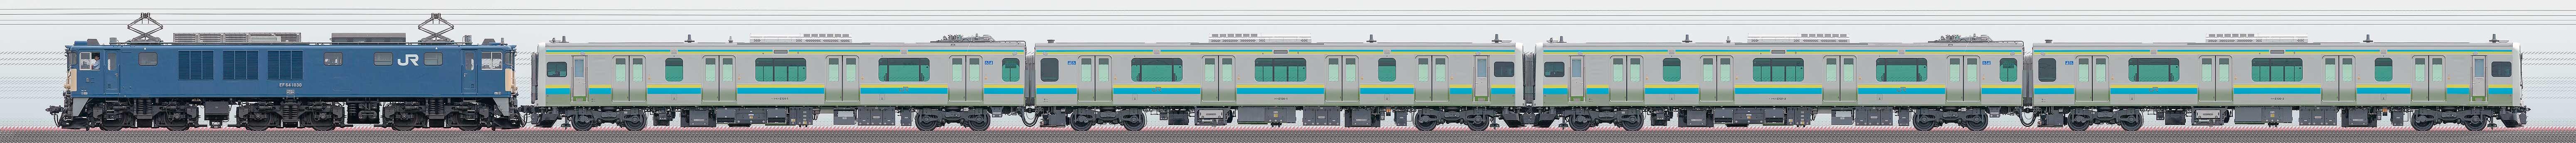 JR東日本幕張車両センターE131系R01編成+R02編成配給輸送(山側)の編成サイドビュー